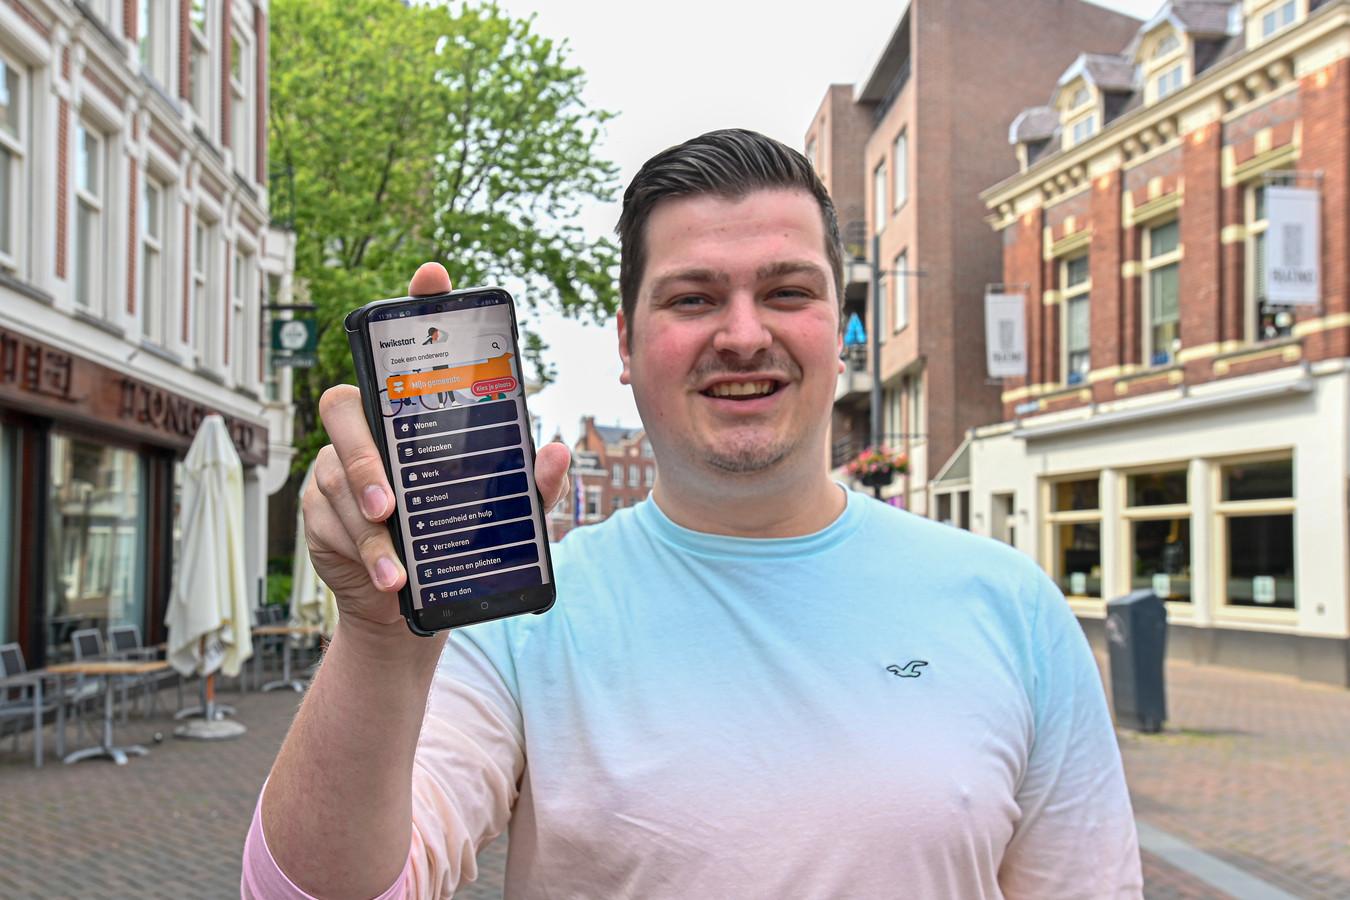 Björn Rommens (PvdA) breekt een lans voor de nieuwe Kwikstart-app, die jongeren van 18 jaar moet helpen hun weg te vinden naar volwassenheid.